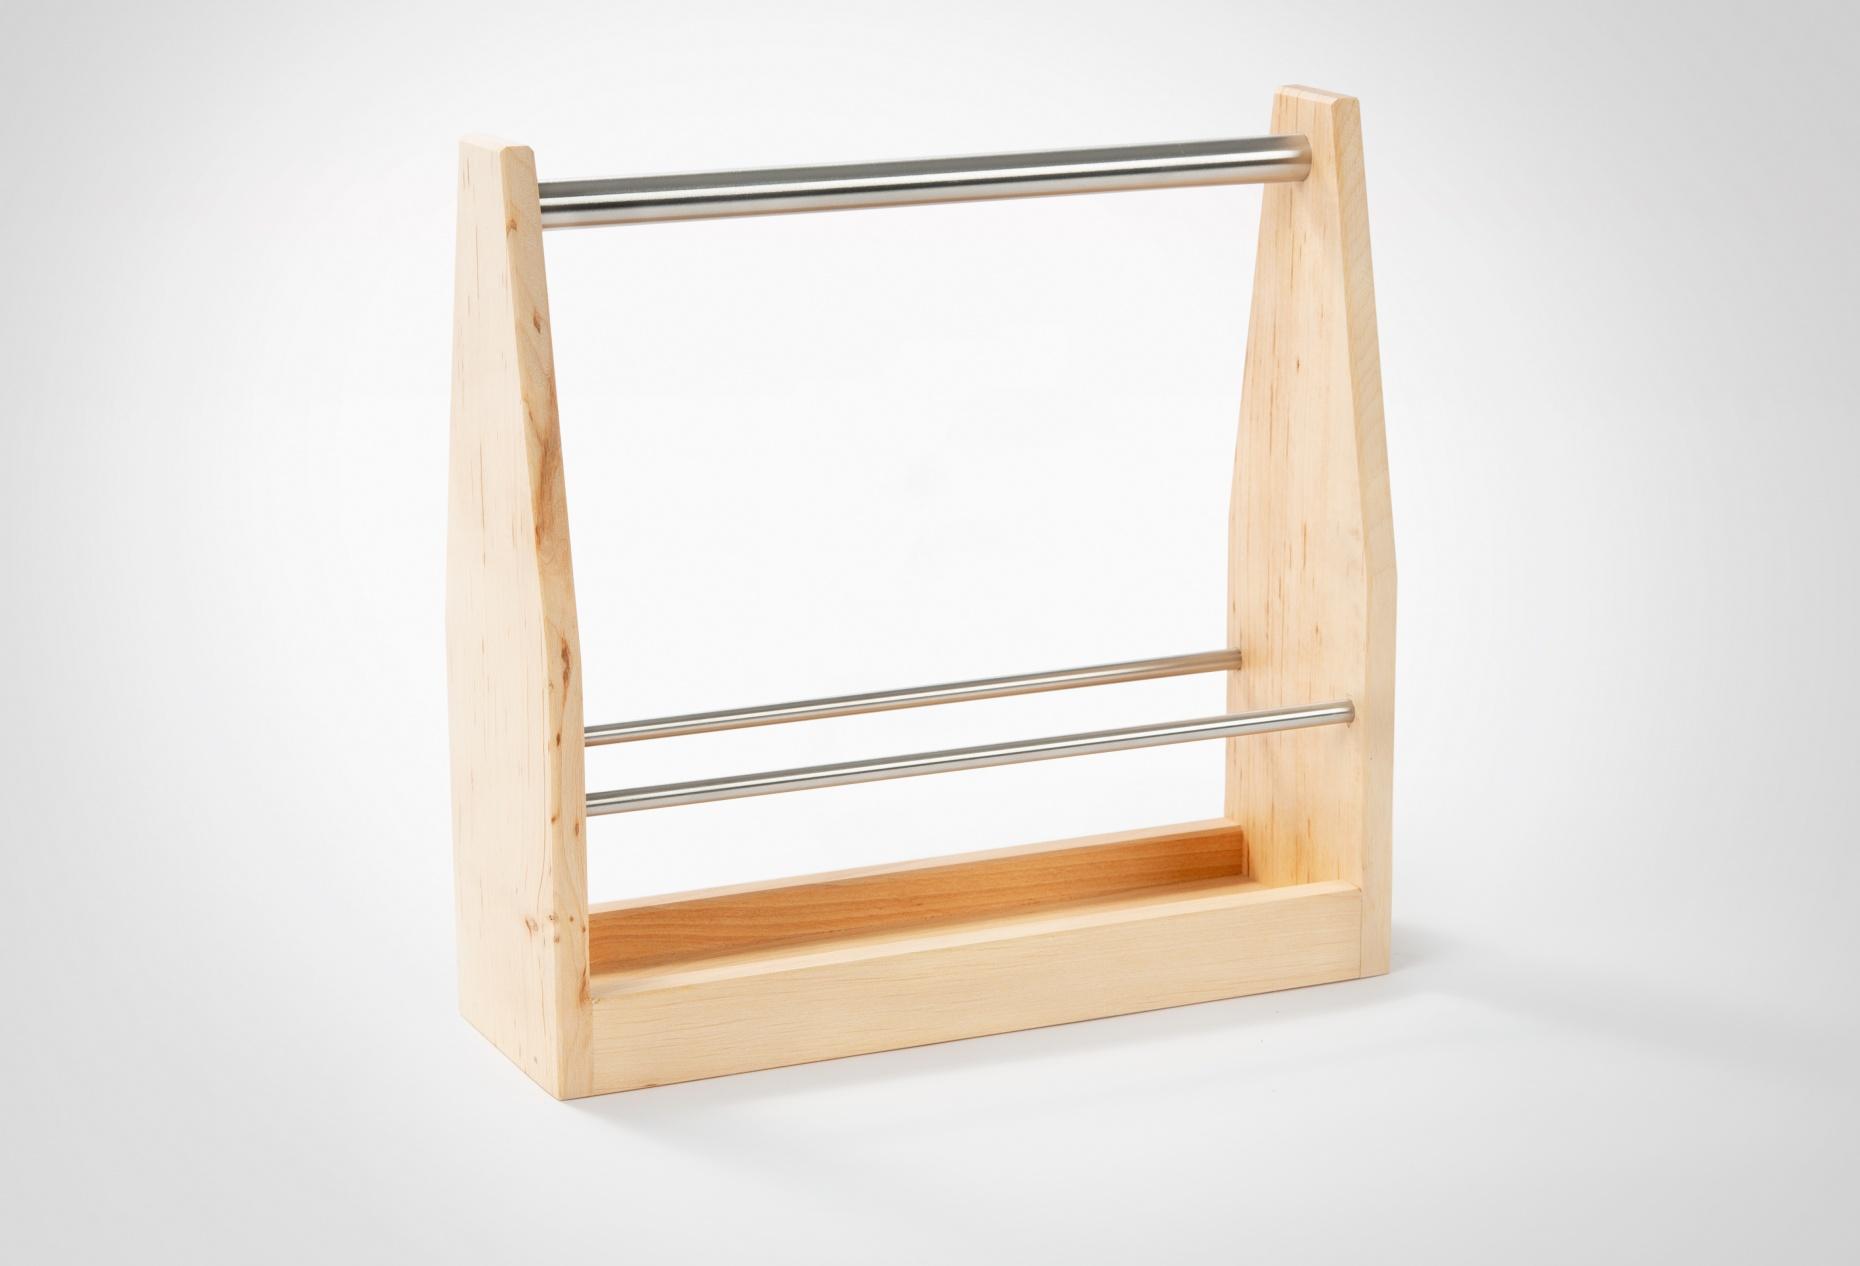 Holztragerl 4 für Design Premium Mühlen - JULIBERG